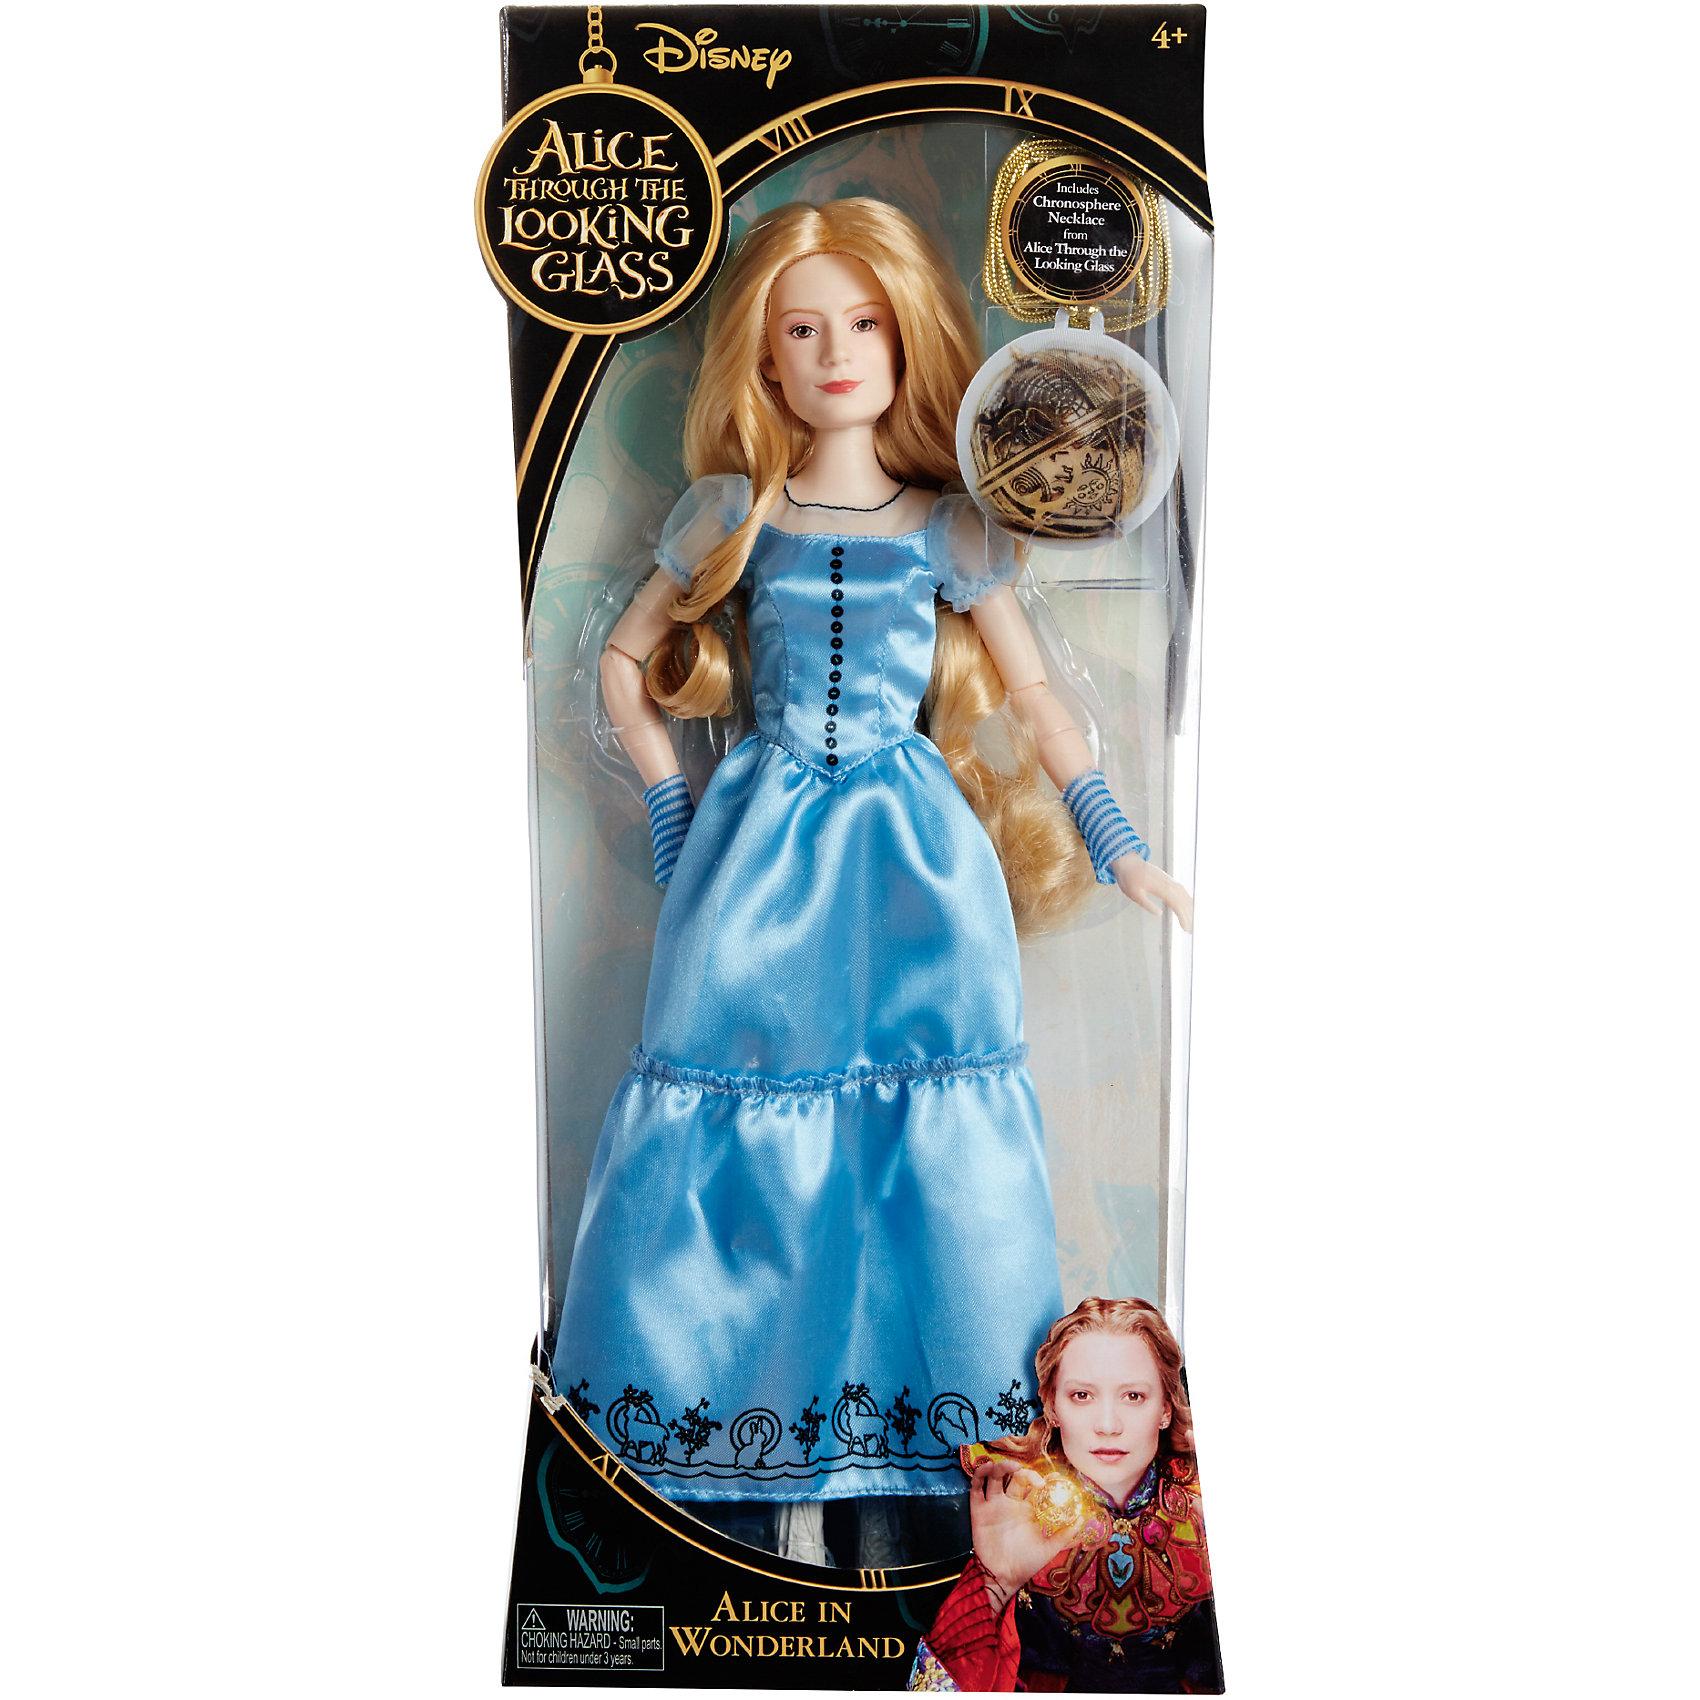 Базовая кукла Алиса, Алиса в ЗазеркальеИгрушки<br>Базовая кукла Алиса в стране чудес - эта кукла, имеющая огромное сходство с героиней фильма.<br>Кукла в образе Алисы, главной героини фильма «Алиса в Зазеркалье» очень похожа на актрису Миа Васиковска, которая сыграла эту роль в киноленте. Белокурая красавица одета в синее платье. Голова, руки и ноги у куклы вращаются. Руки сгибаются в районе локтей, благодаря встроенным шарнирам. В набор входит также линзовидная Хромосфера - мистическое устройство для приключений во времени.. Кукла Алиса подарит море положительных эмоций и заставит вас улыбнуться. Присоединяйтесь к Алисе с ее причудливой и дикой поездке в Подземелье, где все иначе, чем кажется.<br><br>Дополнительная информация:<br><br>- В комплекте: кукла, хромосфера<br>- Высота: 29 см.<br>- Материал: пластик, текстиль<br><br>Базовую куклу Алиса в стране чудес можно купить в нашем интернет-магазине.<br><br>Ширина мм: 16<br>Глубина мм: 70<br>Высота мм: 360<br>Вес г: 390<br>Возраст от месяцев: 36<br>Возраст до месяцев: 1188<br>Пол: Женский<br>Возраст: Детский<br>SKU: 4751316